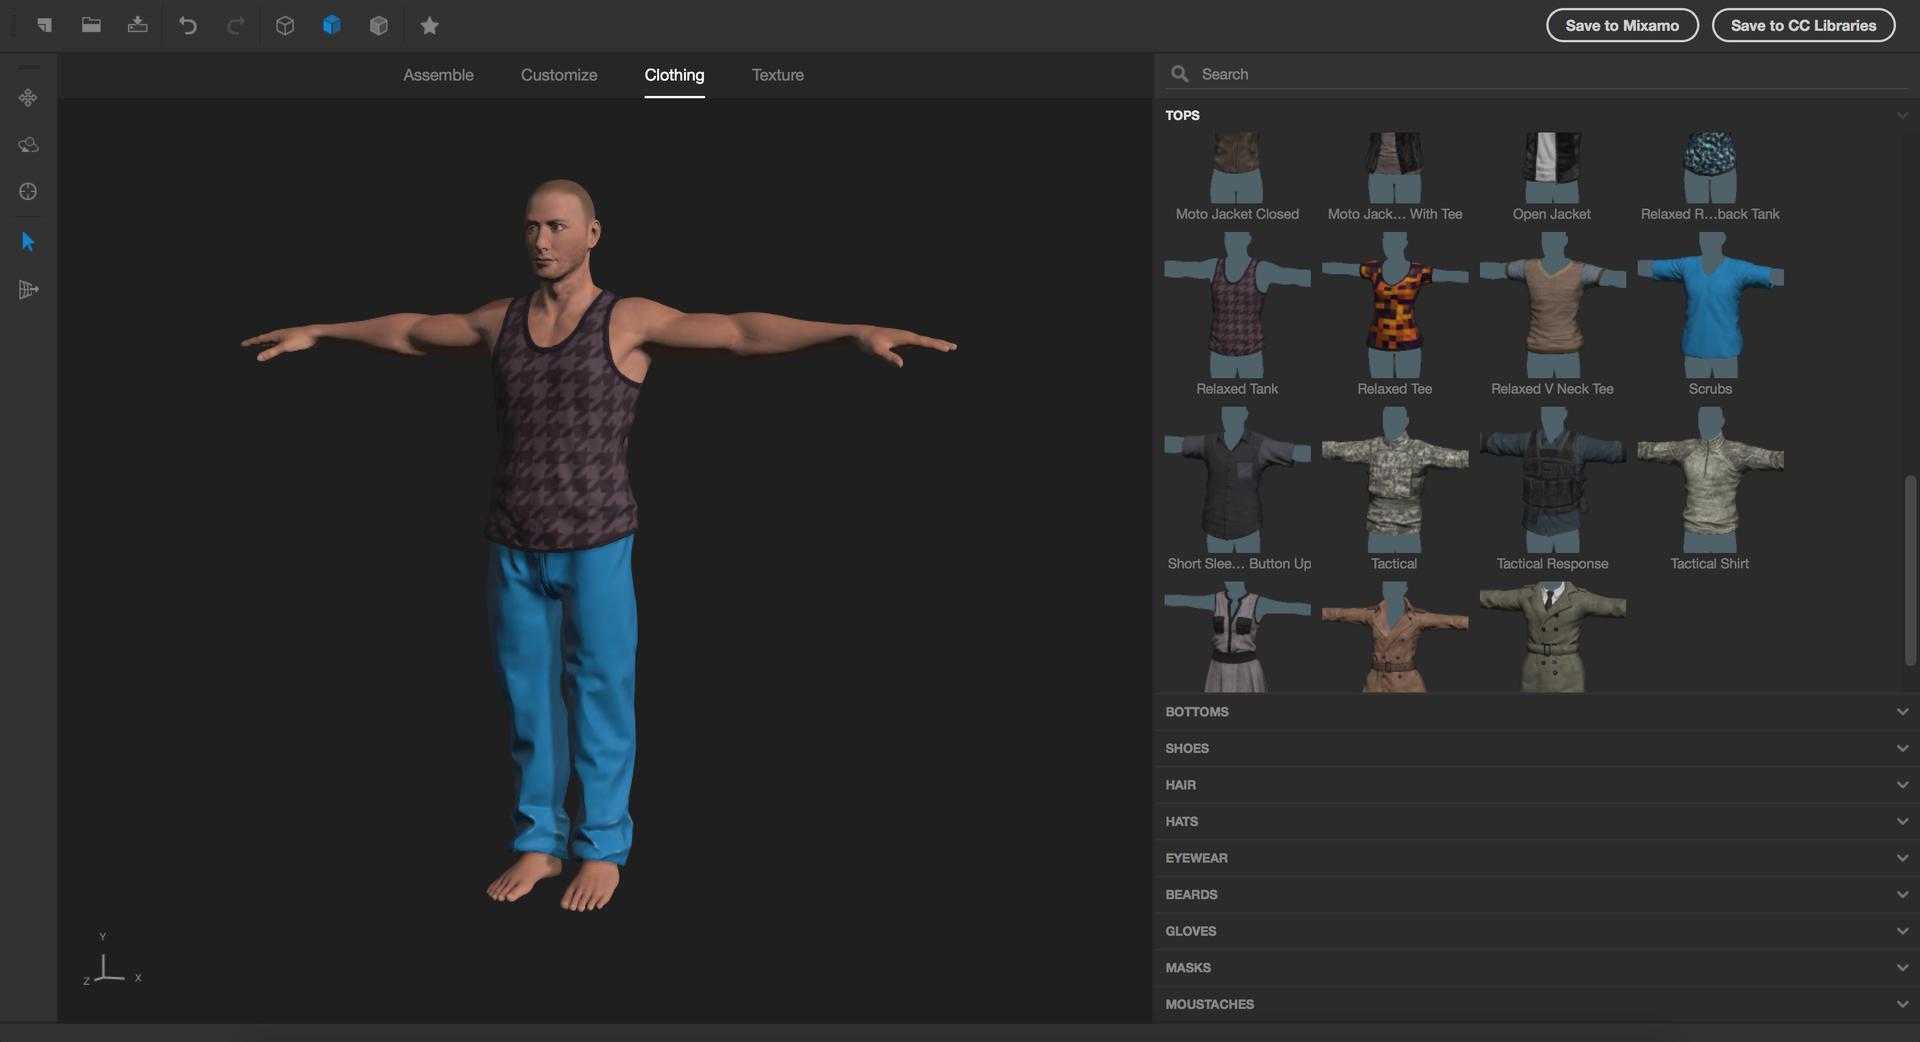 3D моделирование и анимация: руководство для начинающих - 11